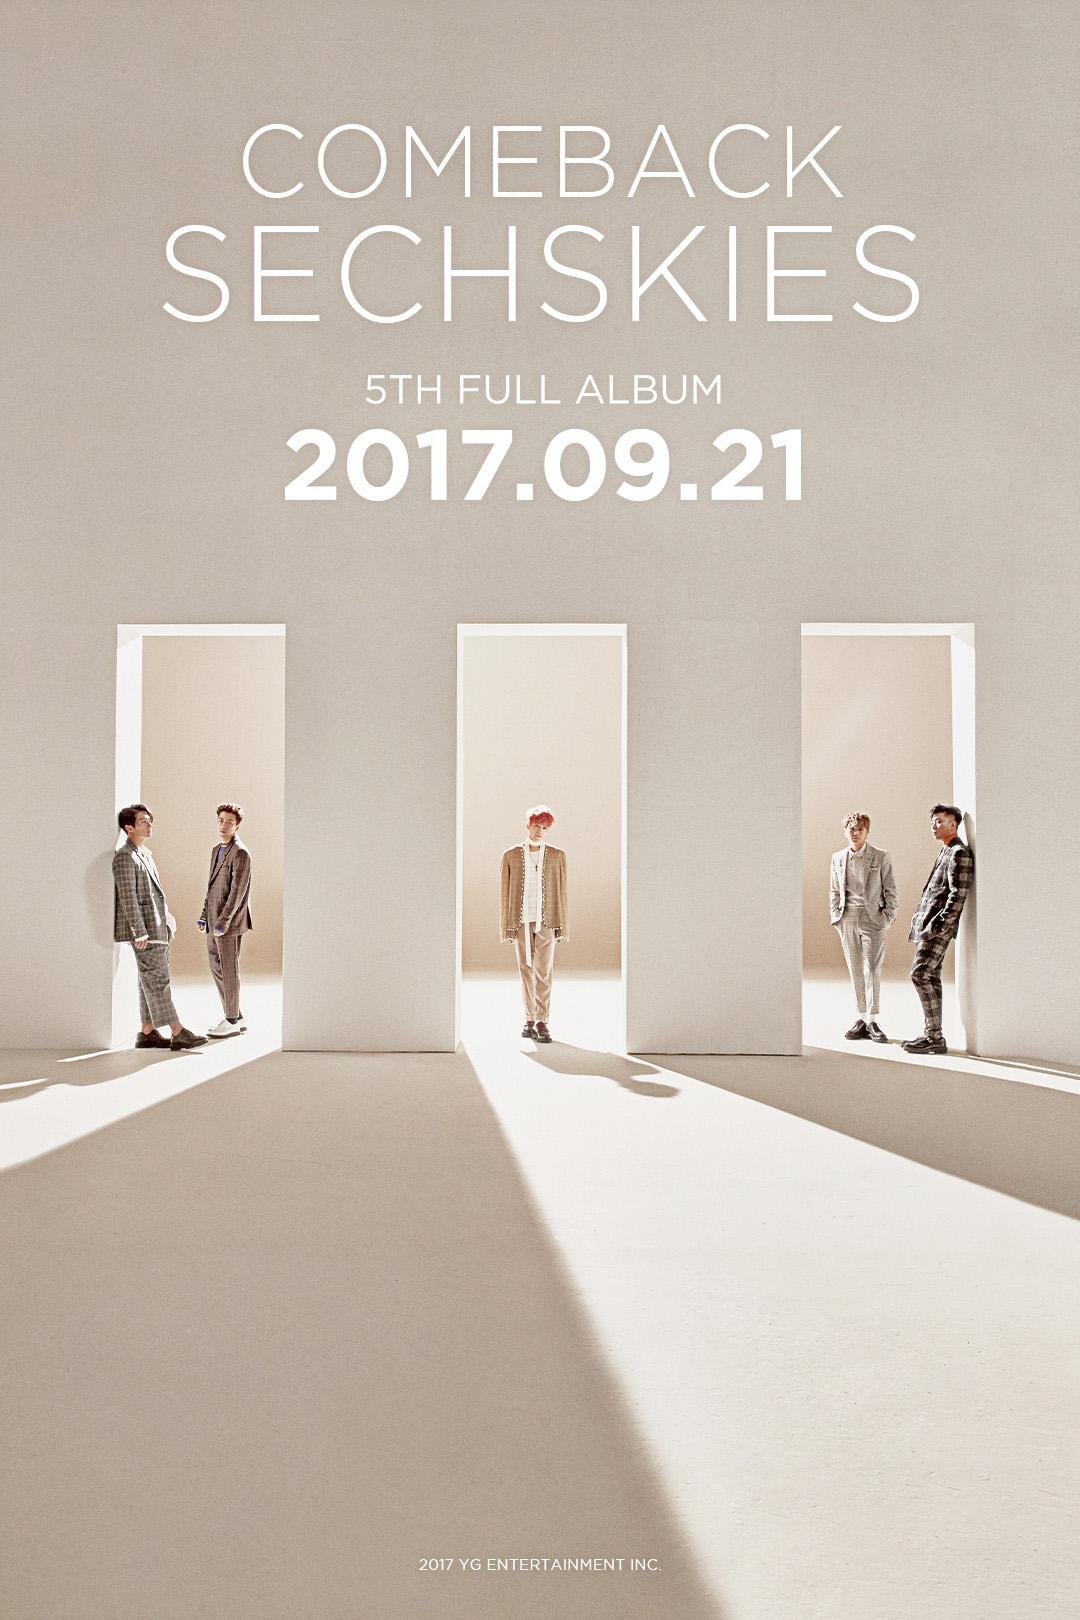 젝스키스, 21일 '신곡으로만 가득 채운 정규 앨범'으로 18년 만에 컴백  [공식]